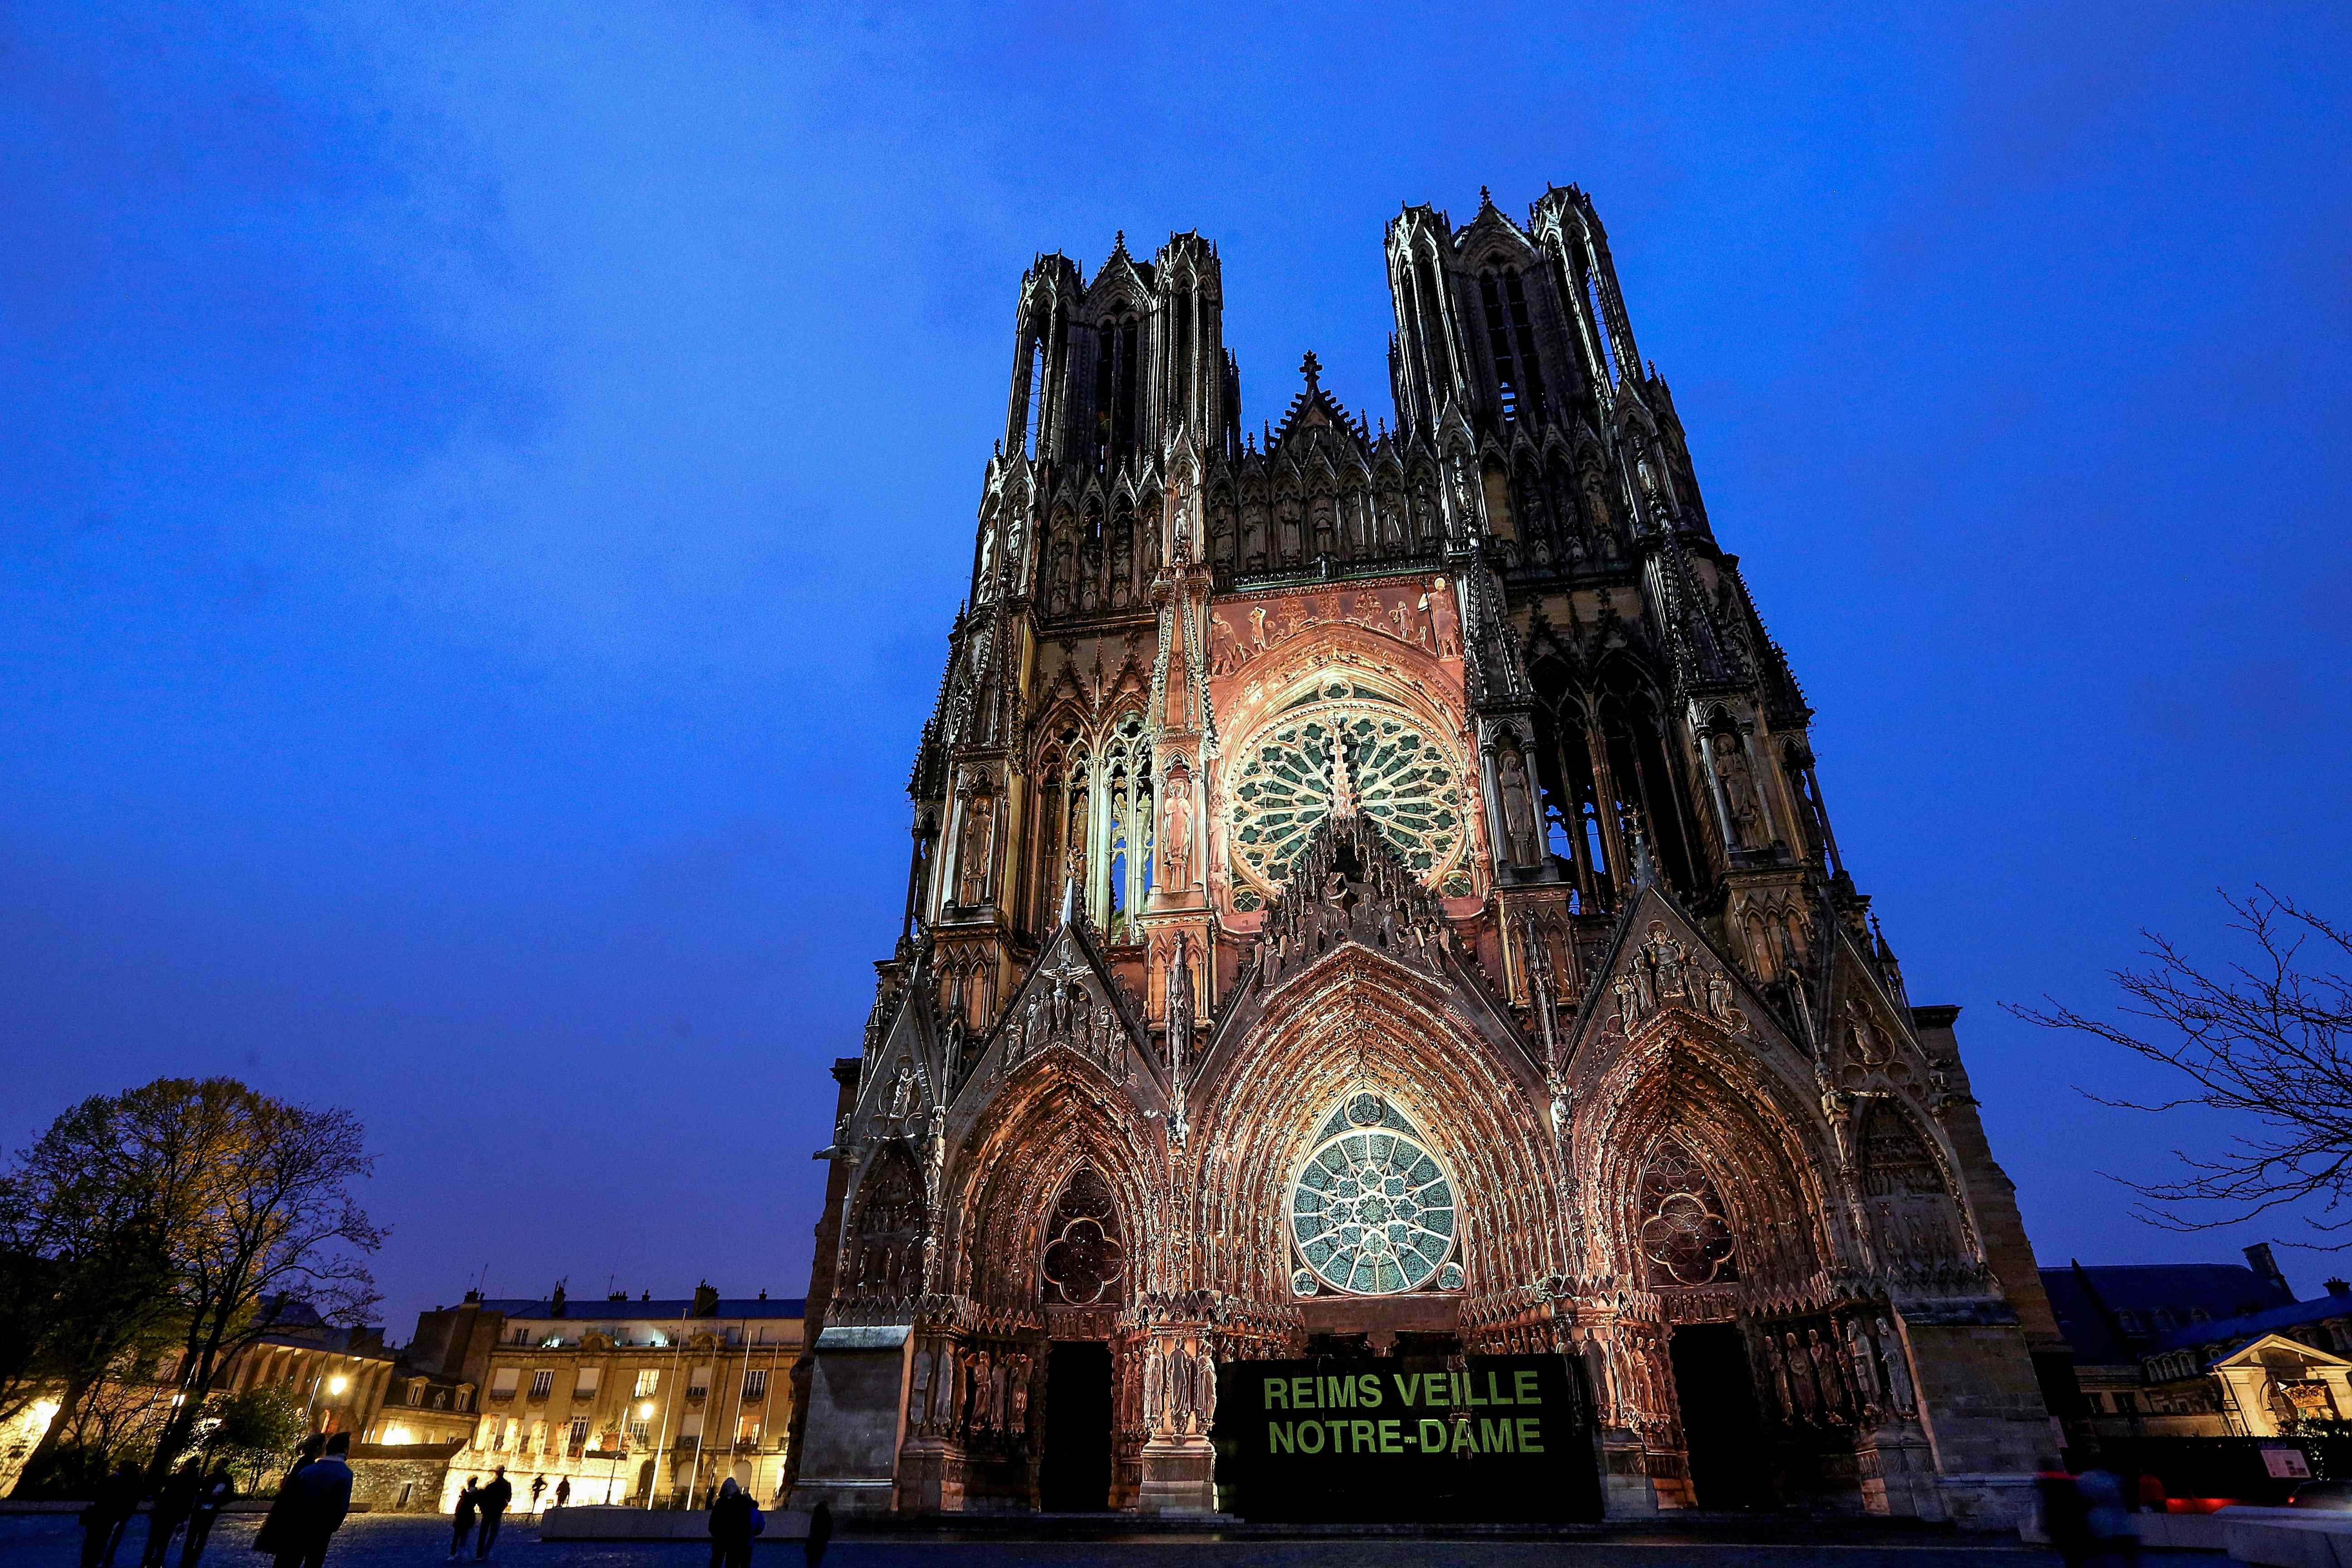 Representantes de la cultura y el arte guatemalteco se inspiraron y tuvieron vínculos con la Catedral de Notre Dame. (Foto Prensa Libre: AFP)